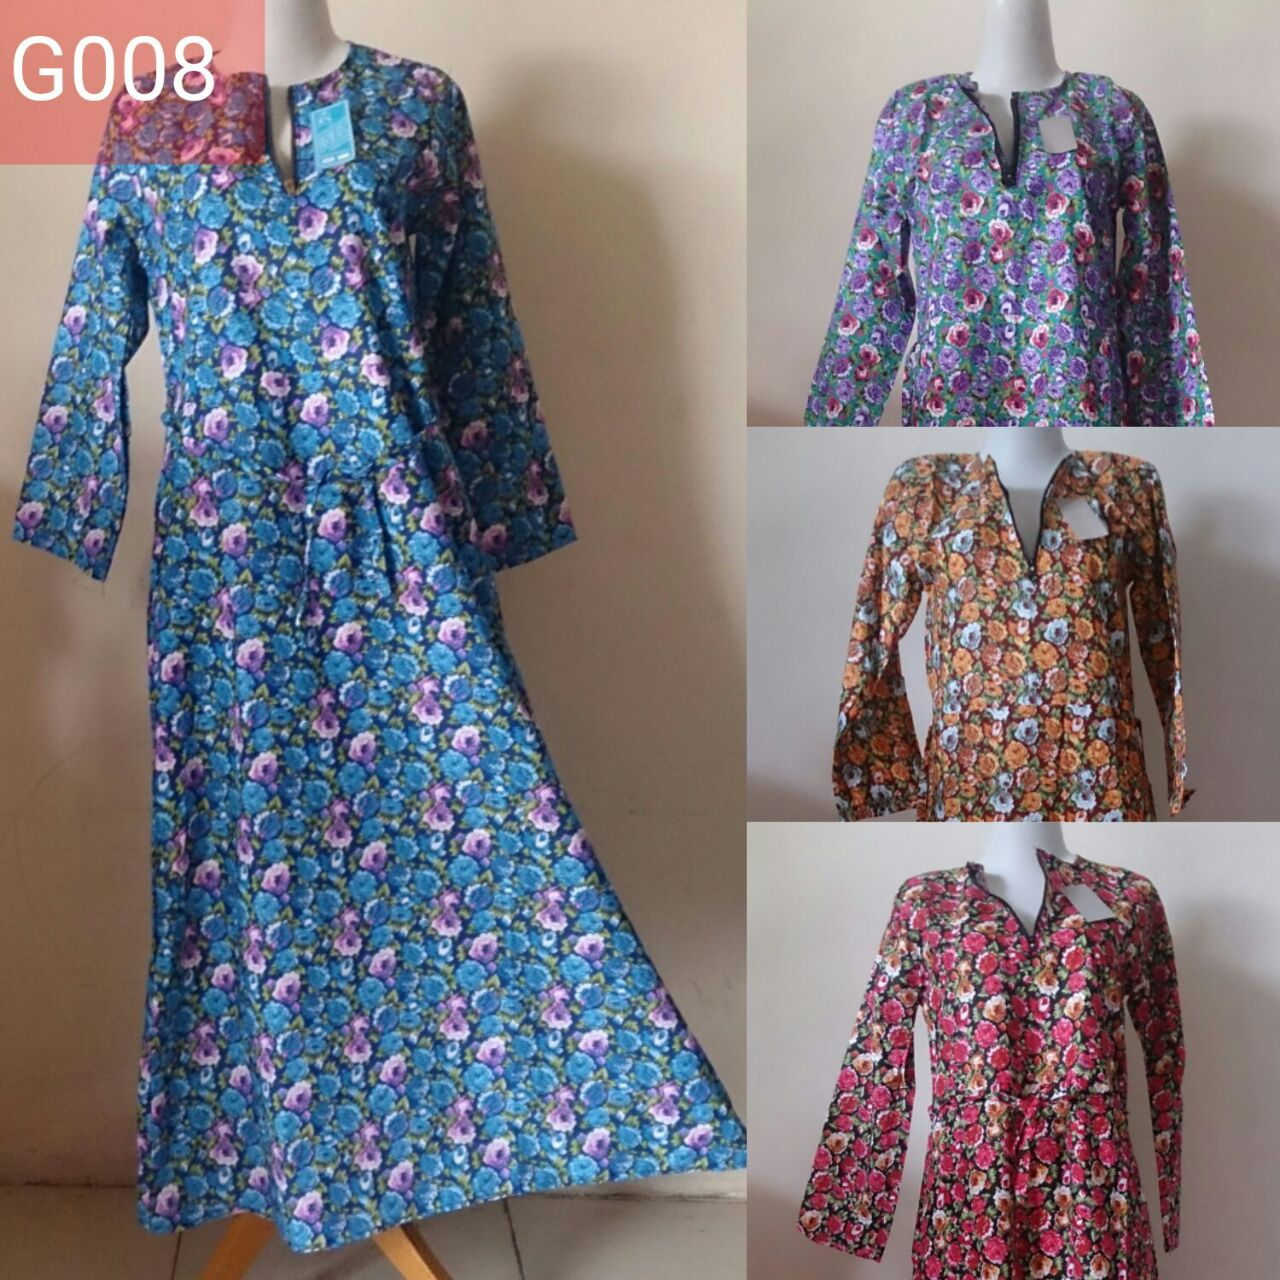 Gamis katun jepang polos motif model payung murah grosir Model baju gamis bahan katun jepang